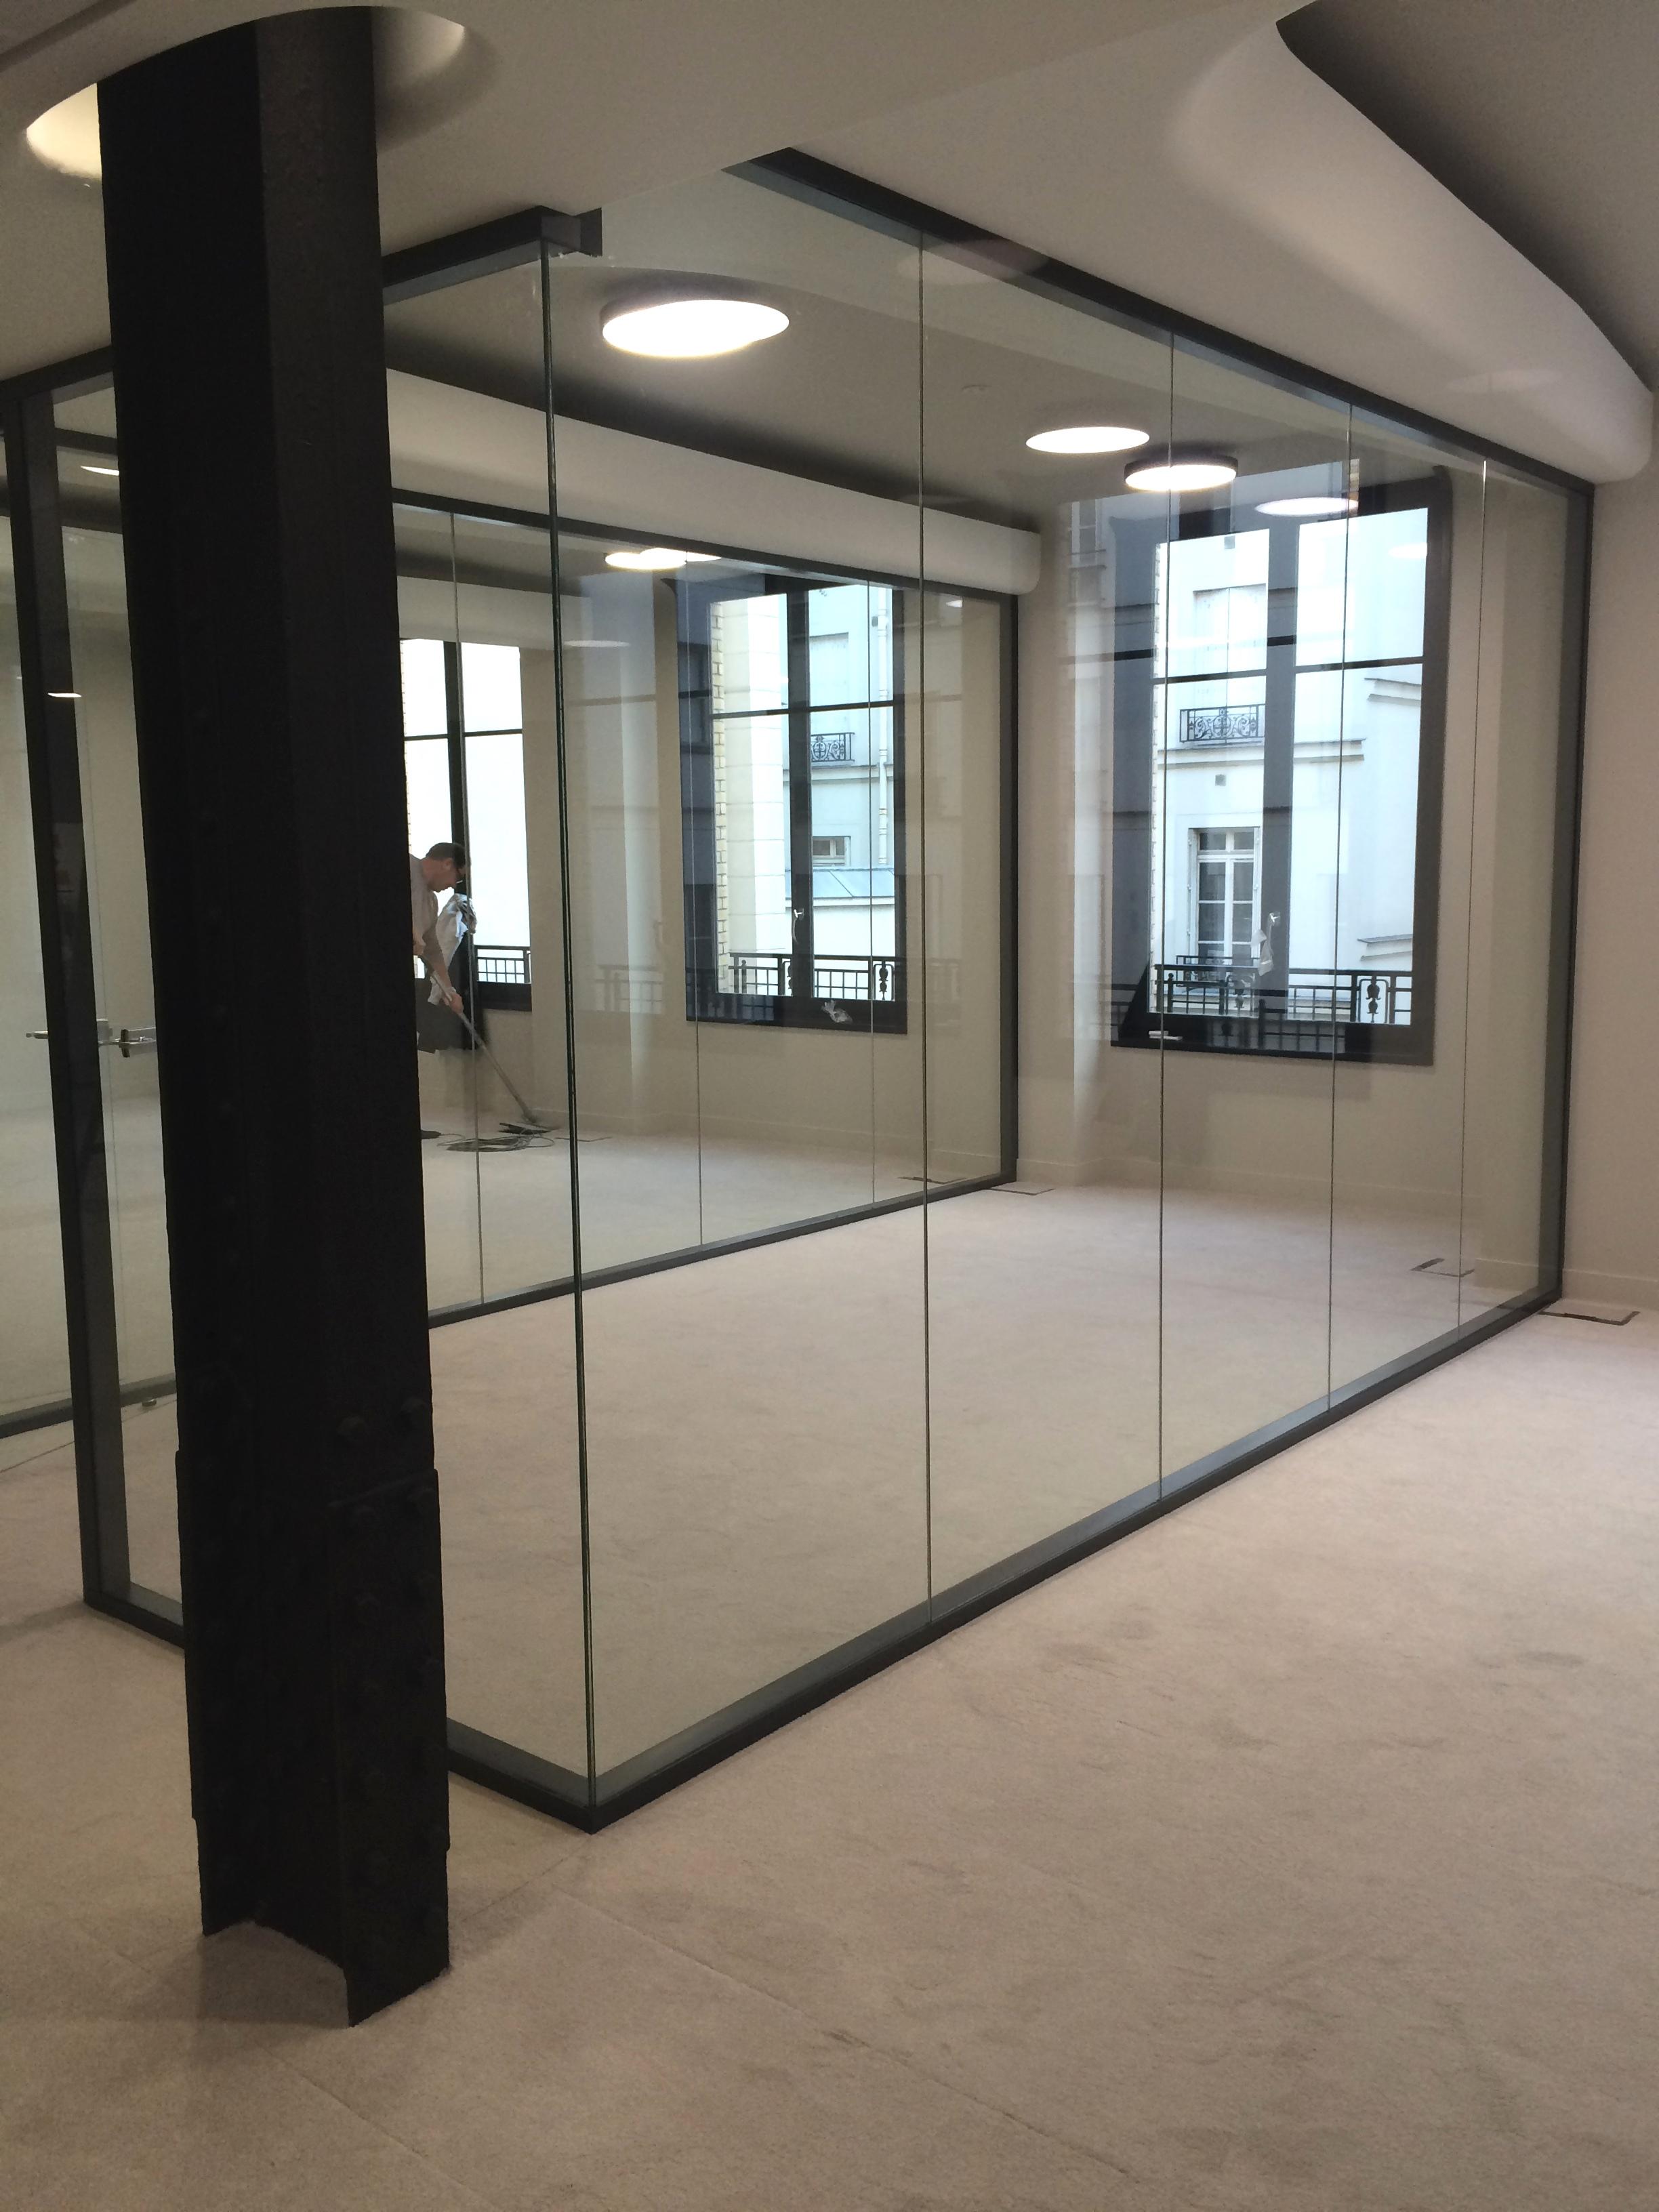 les cloisons vitr es bord bord toute hauteur espace cloisons alu ile de france agencement. Black Bedroom Furniture Sets. Home Design Ideas